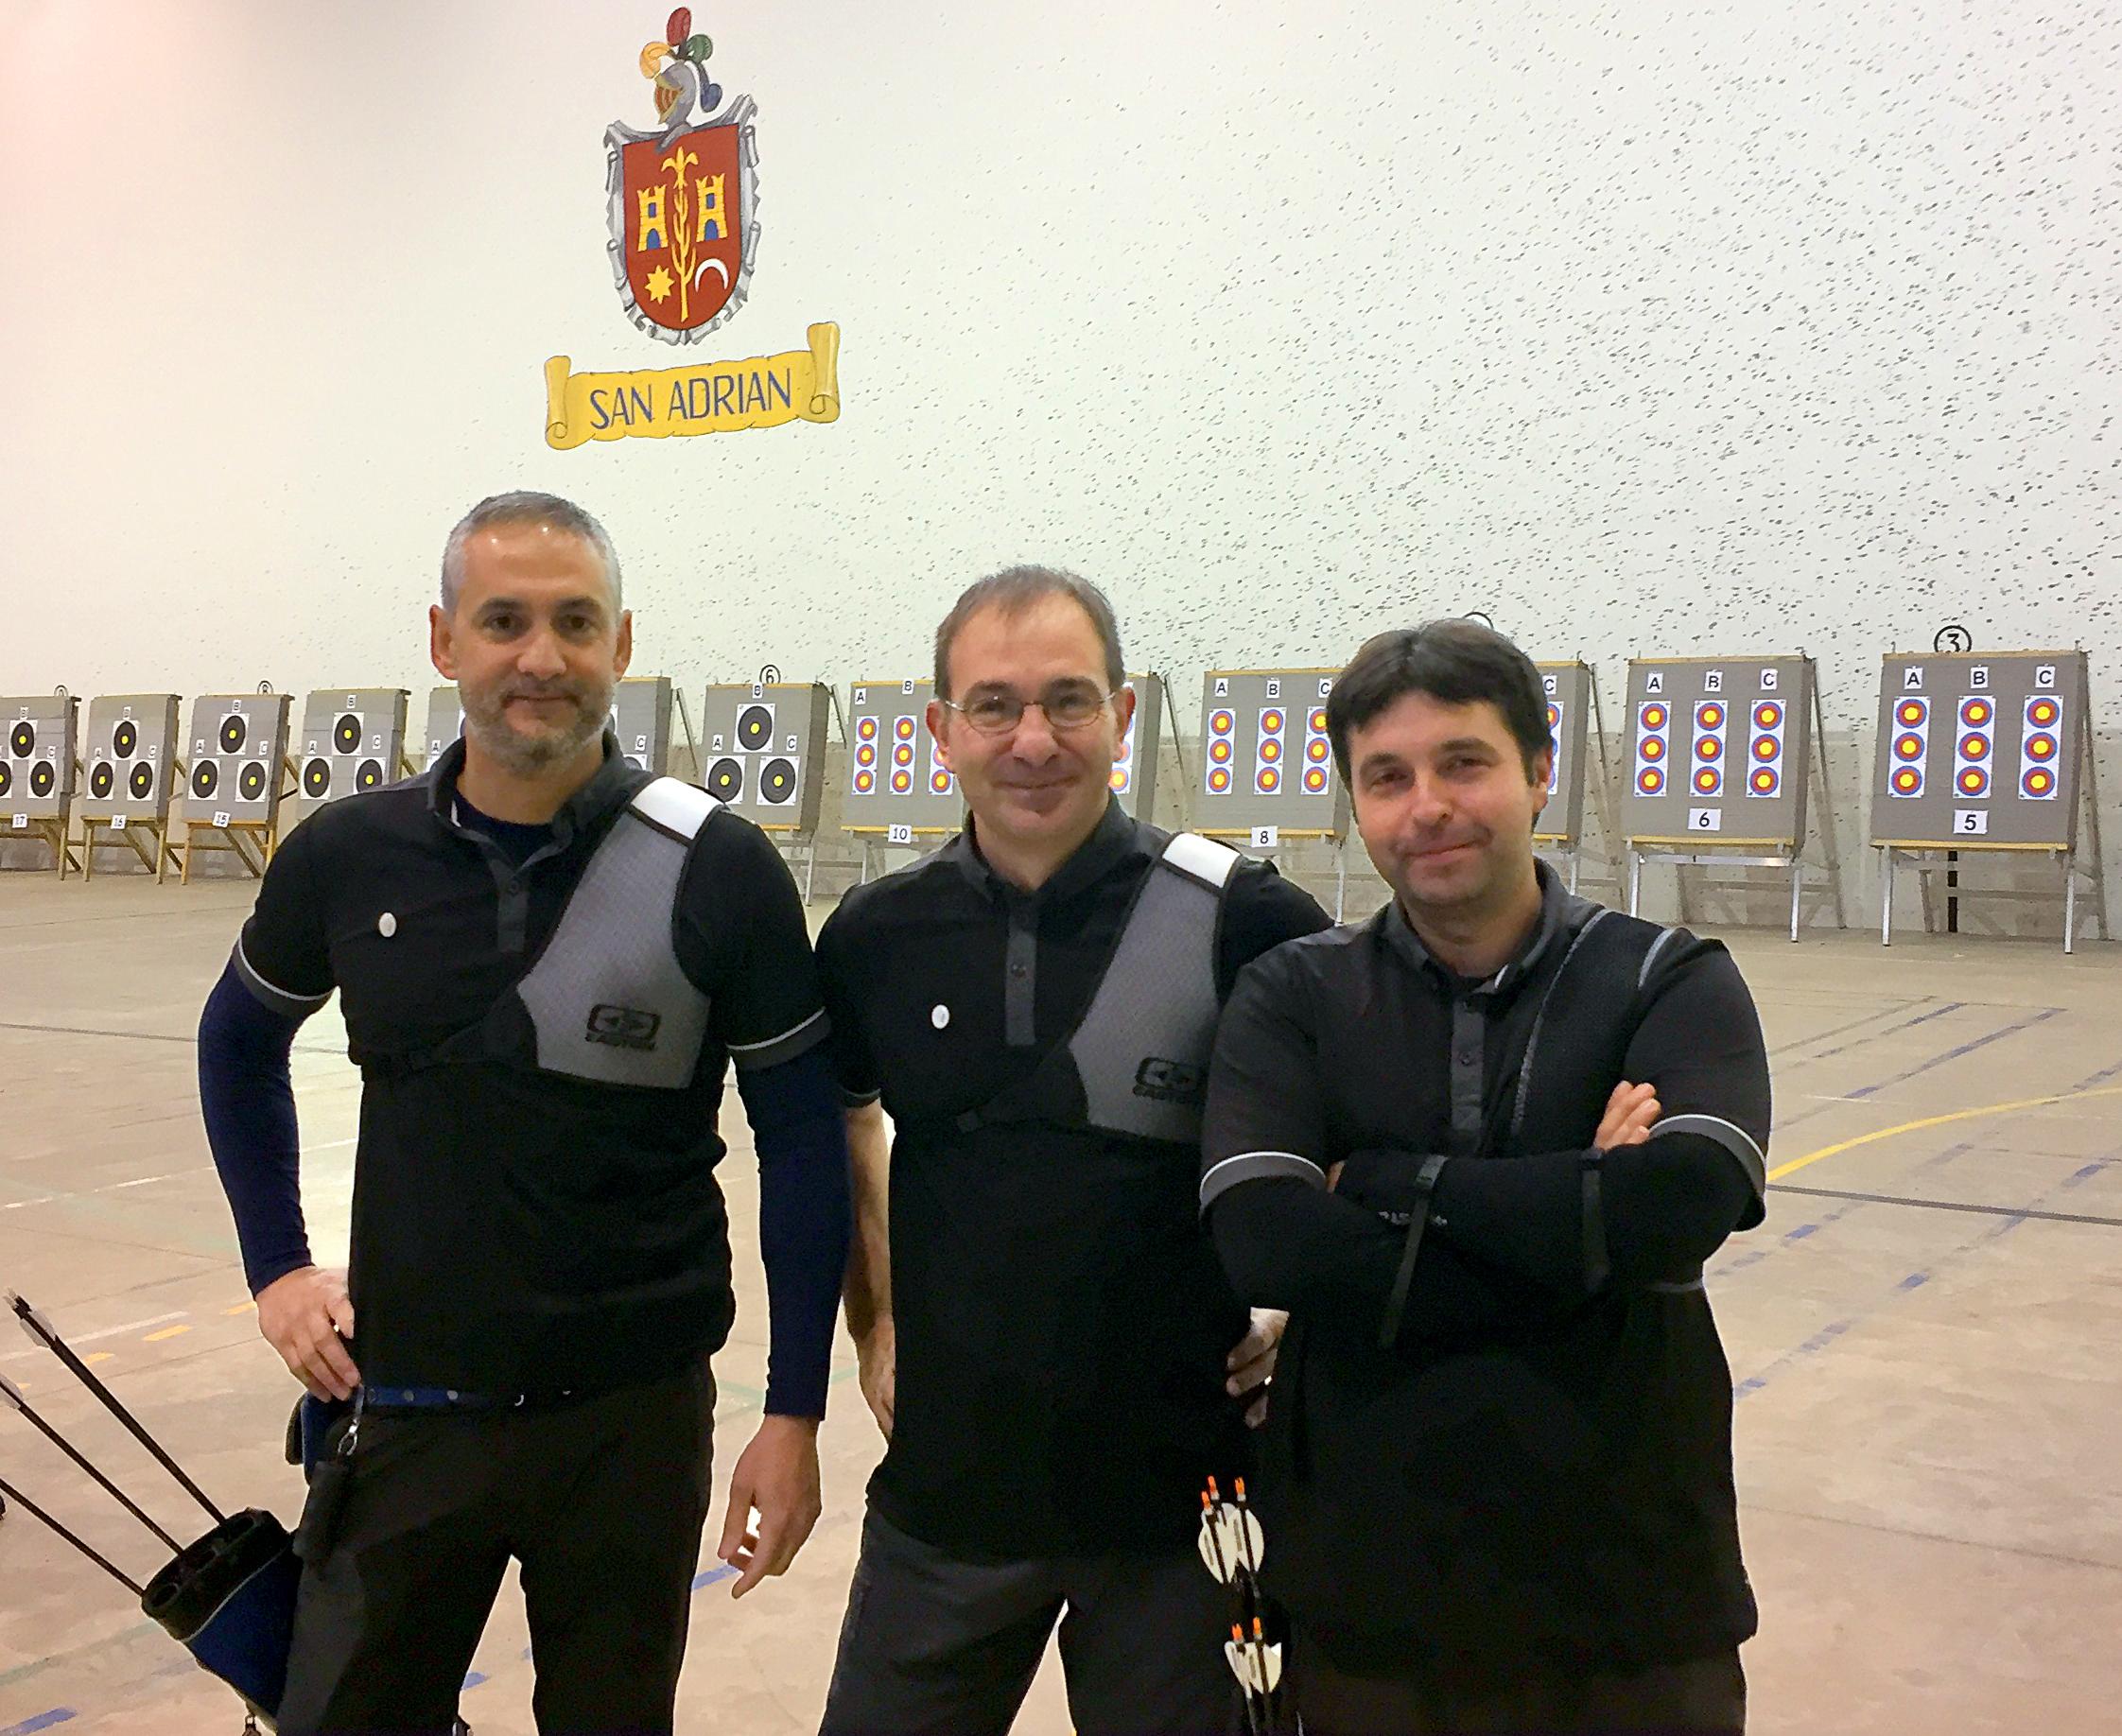 San Adrián. Campeonato navarro de tiro con arco sala 2017.